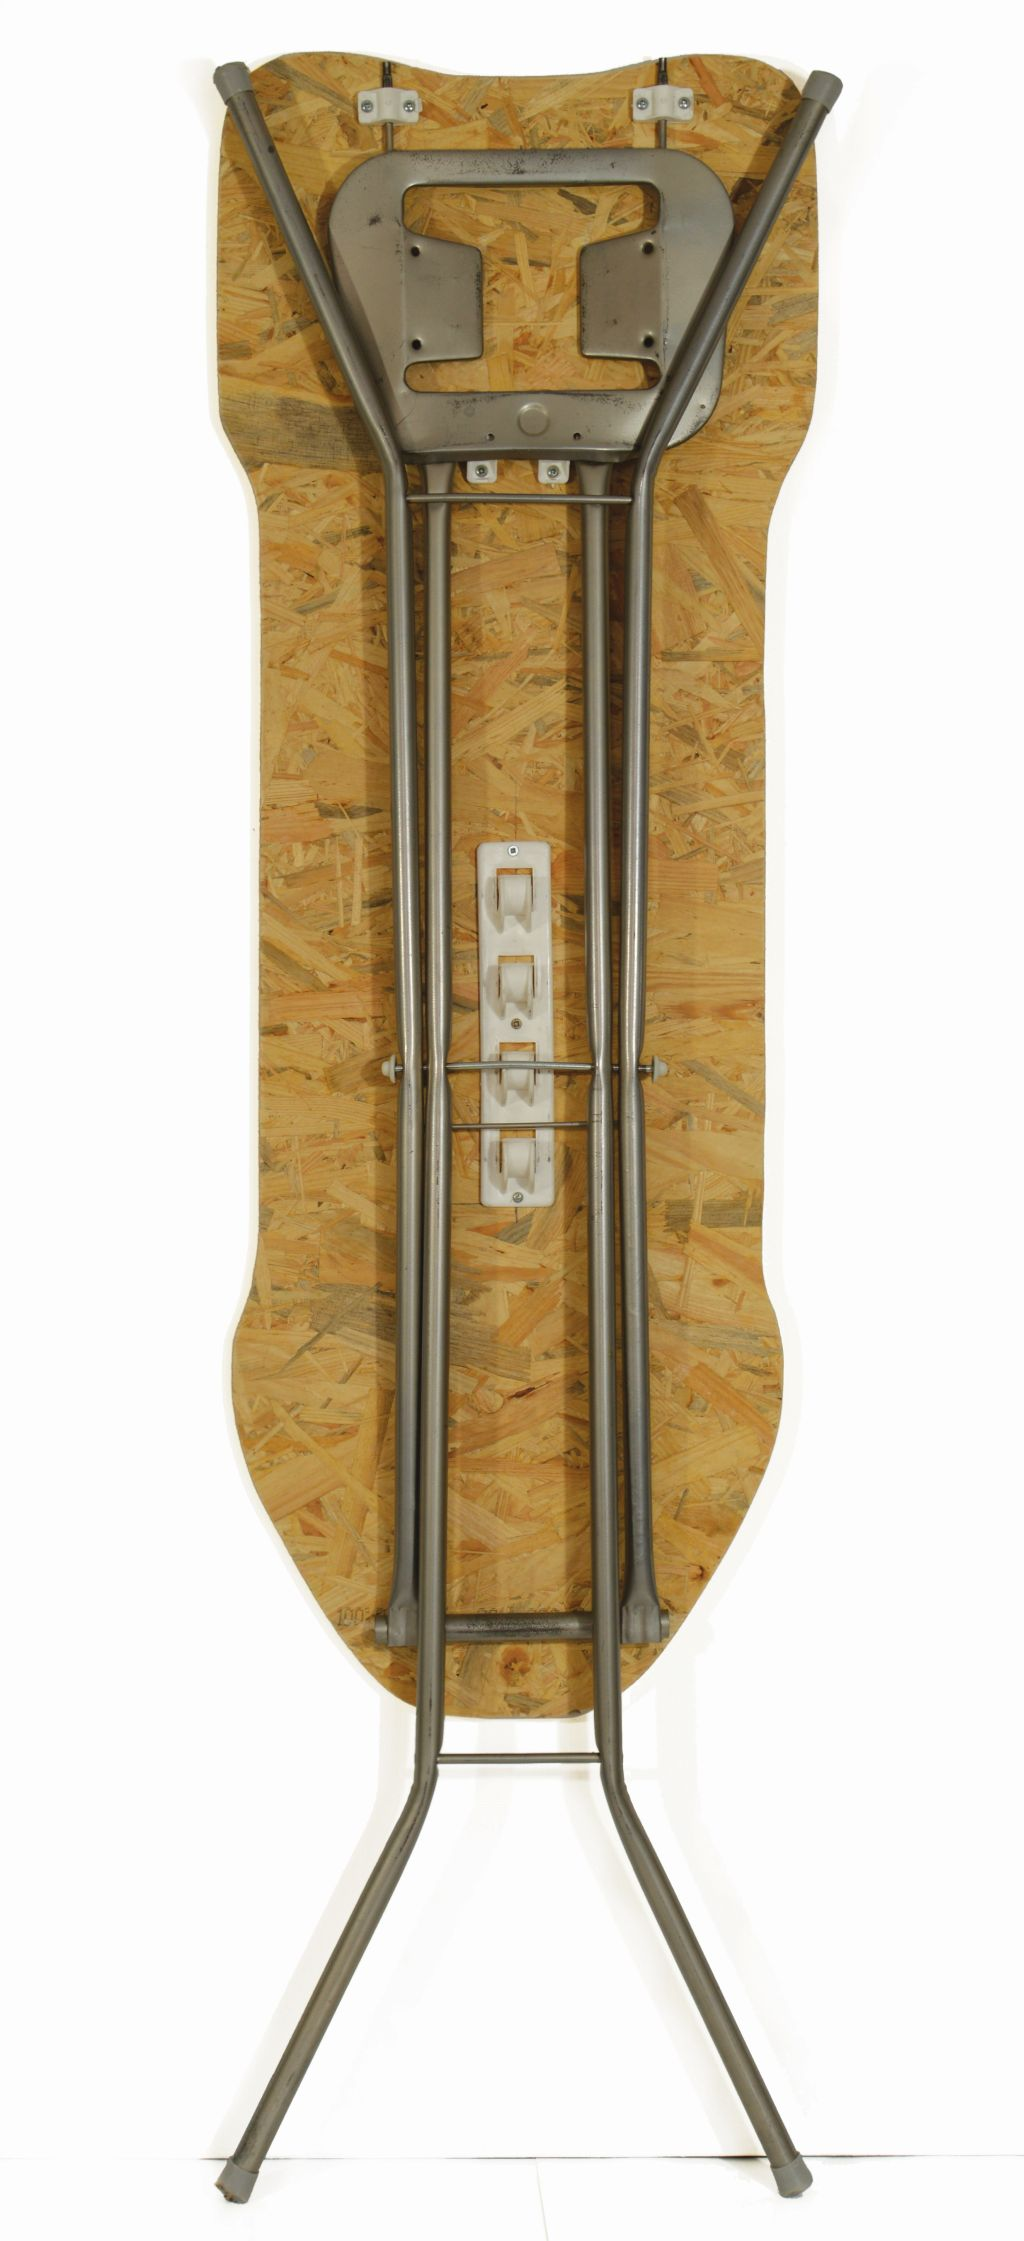 IRONIc, revers, drewno, stelaż metalowy , 120 cm, 2016